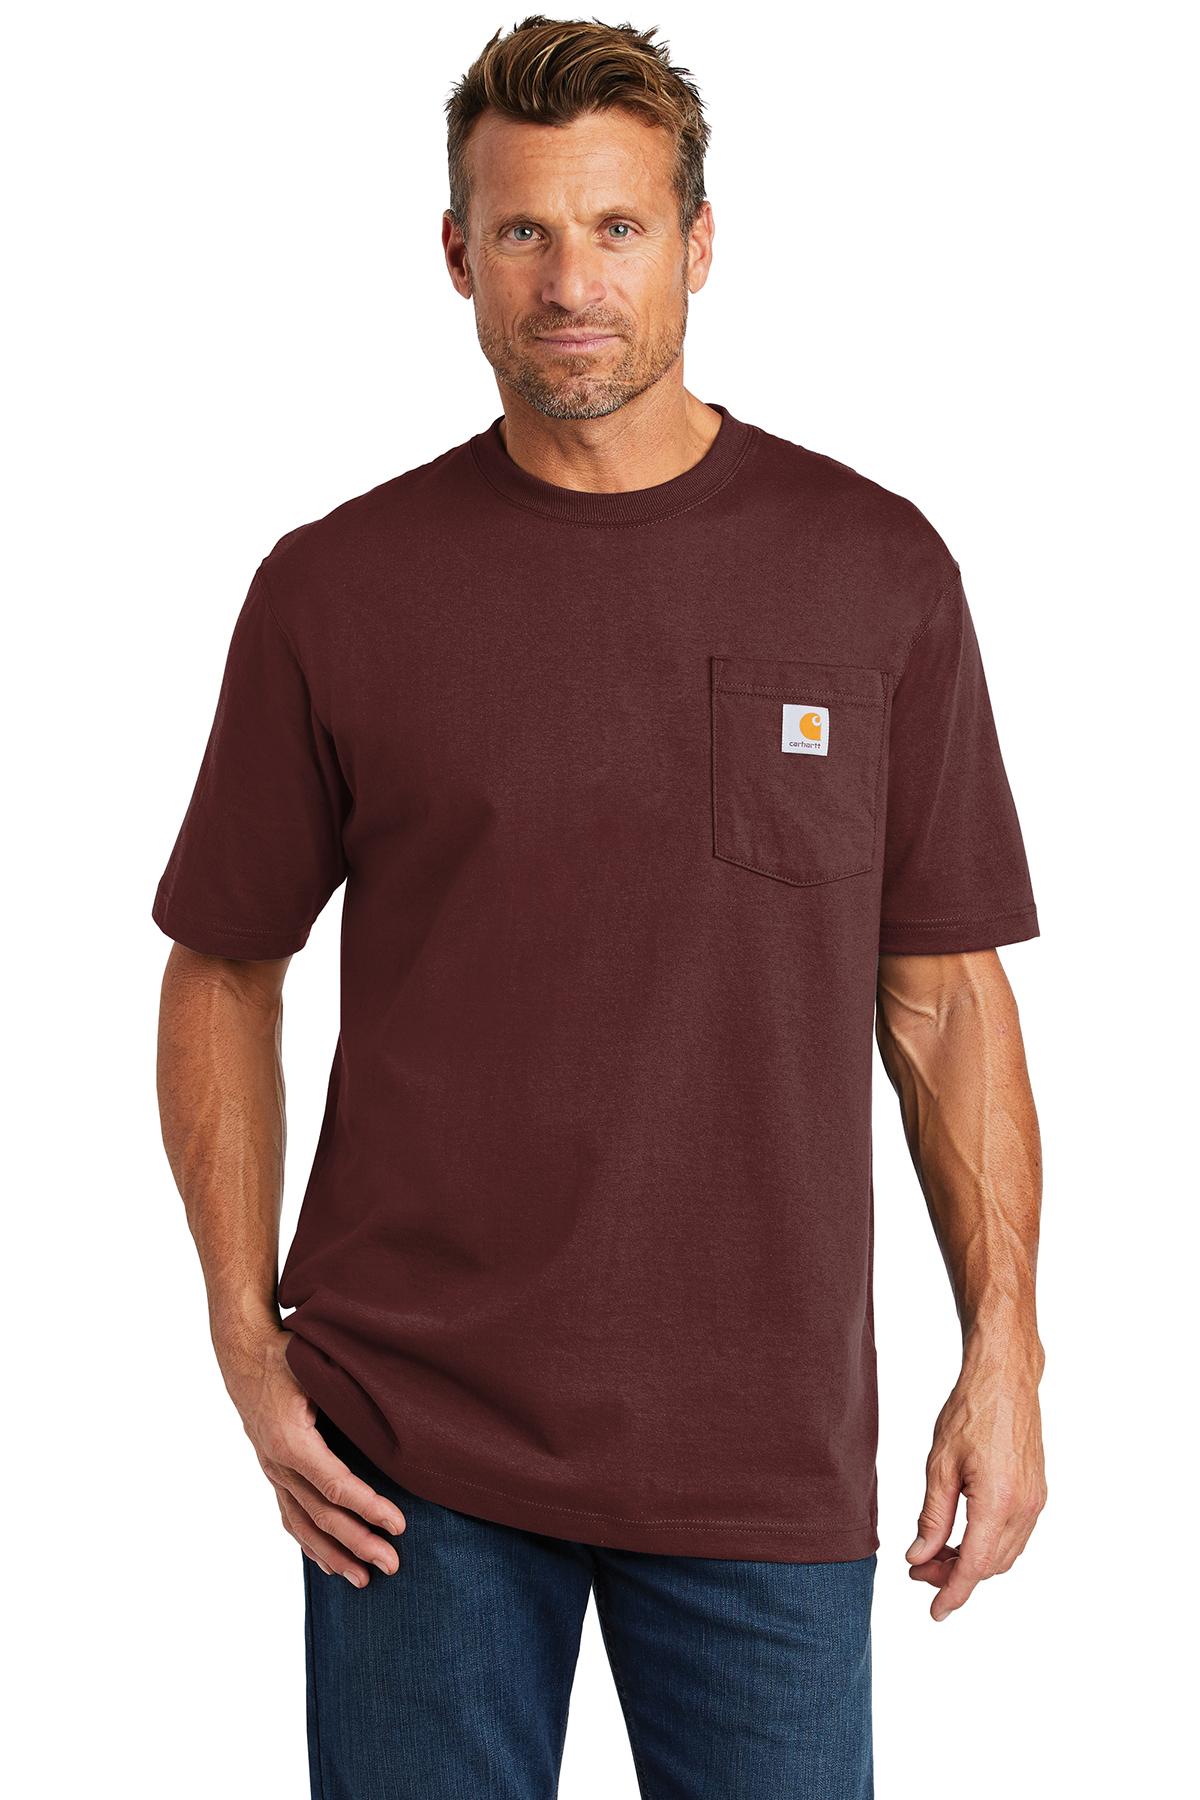 e69bbb1f04 Carhartt ® Workwear Pocket Short Sleeve T-Shirt   Carhartt   Brands ...